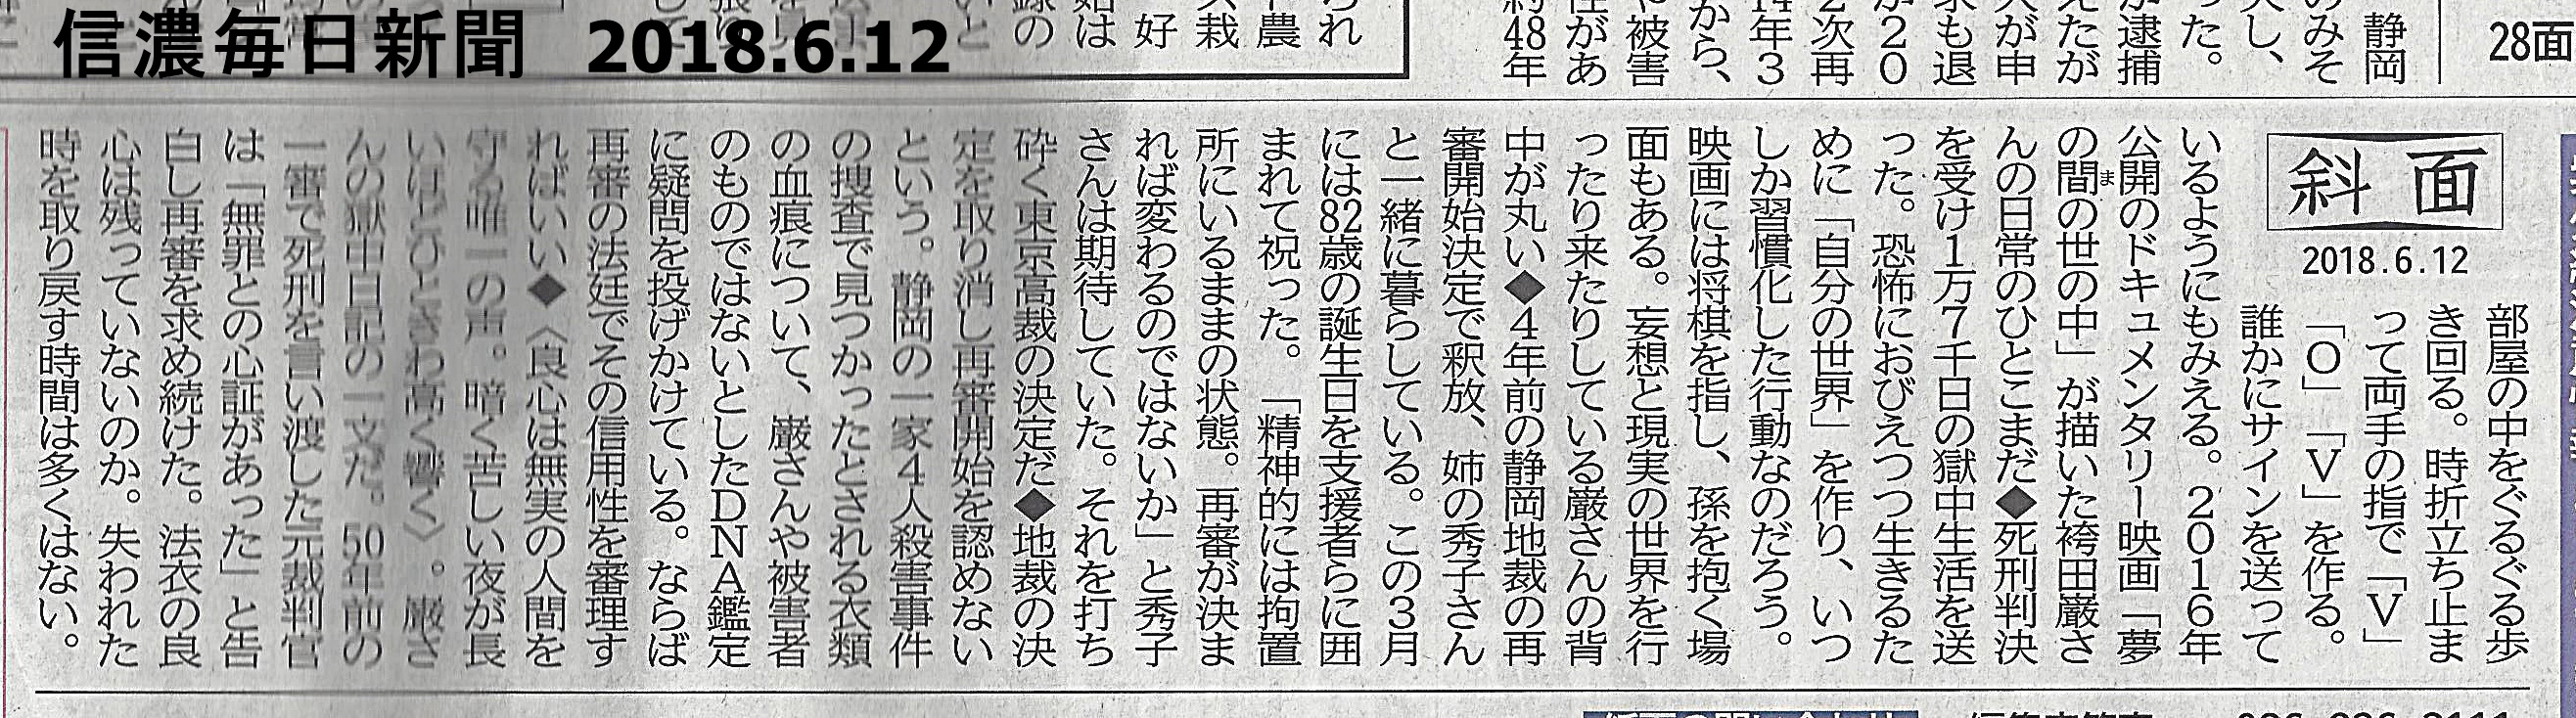 信濃毎日新聞 2018/6/12